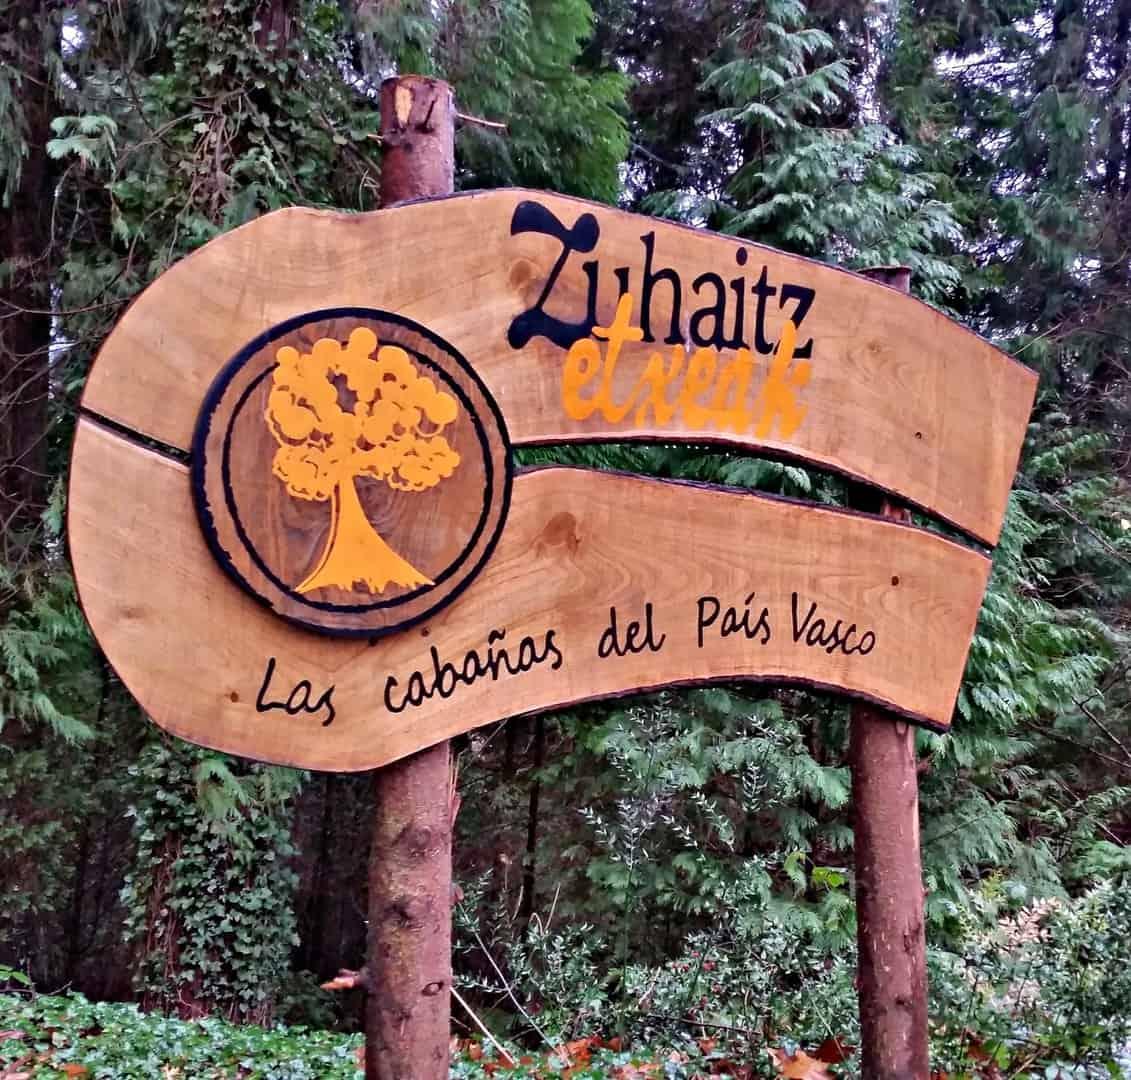 Un fin de semana de cuento, en las Cabañas de los árboles del País Vasco. Bilbao